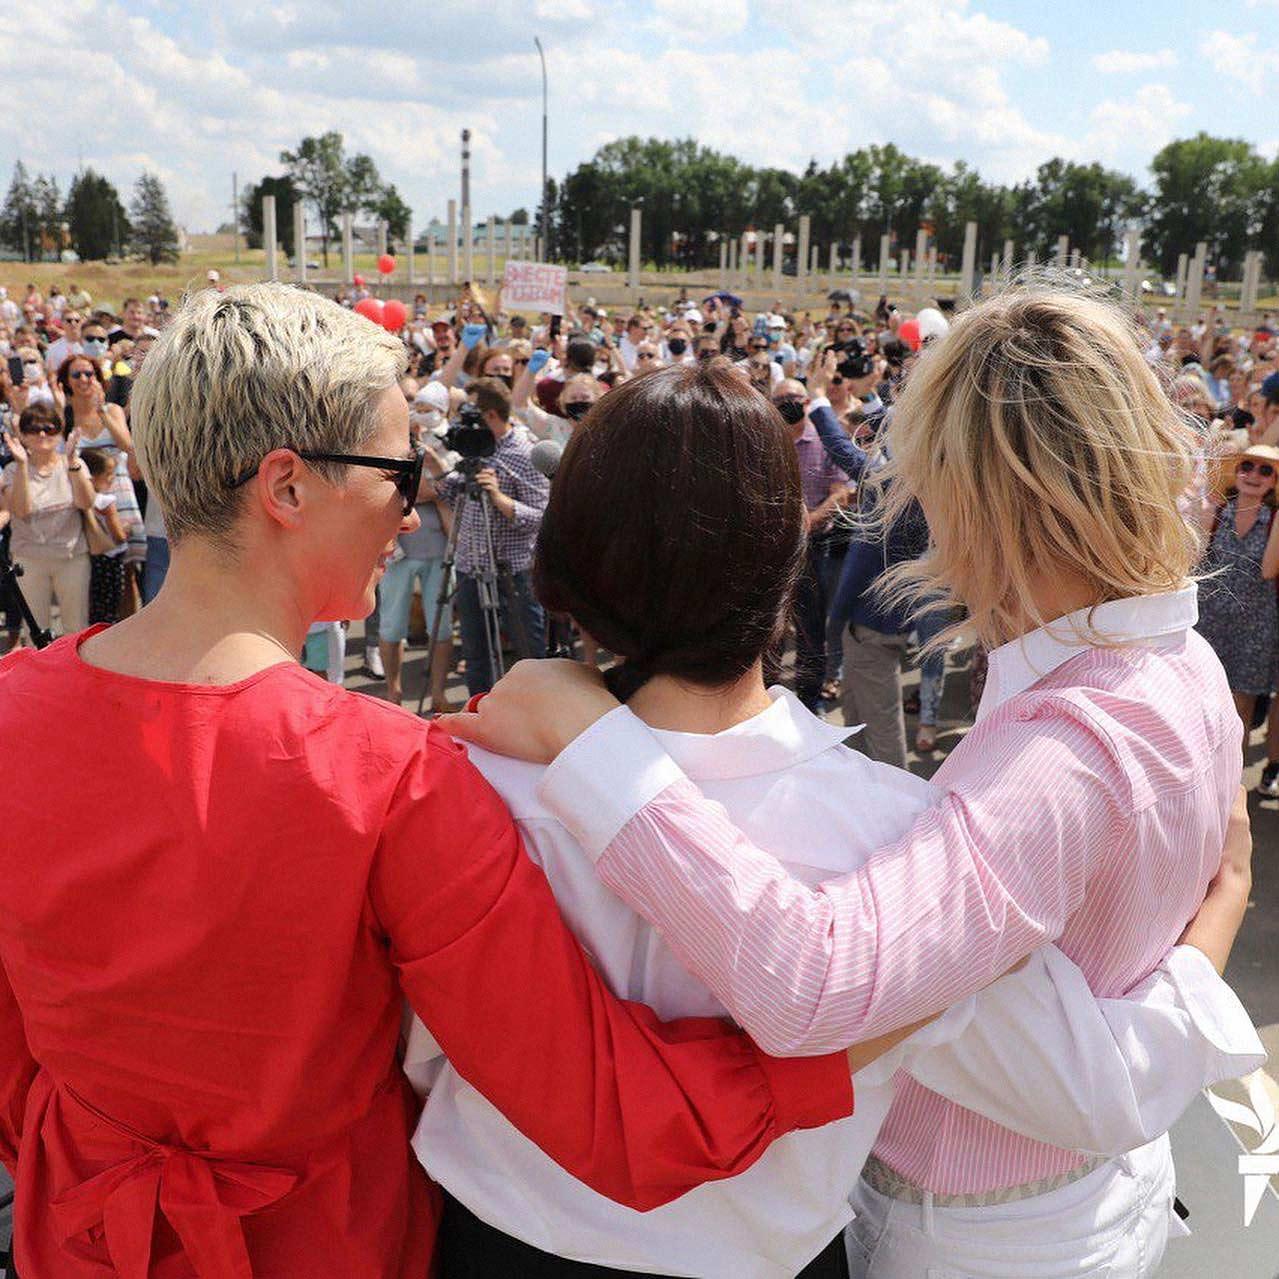 belarussian women 01 - <b>«Нечего было нас злить».</b> Заборона называет главного героя 2020 года - Заборона